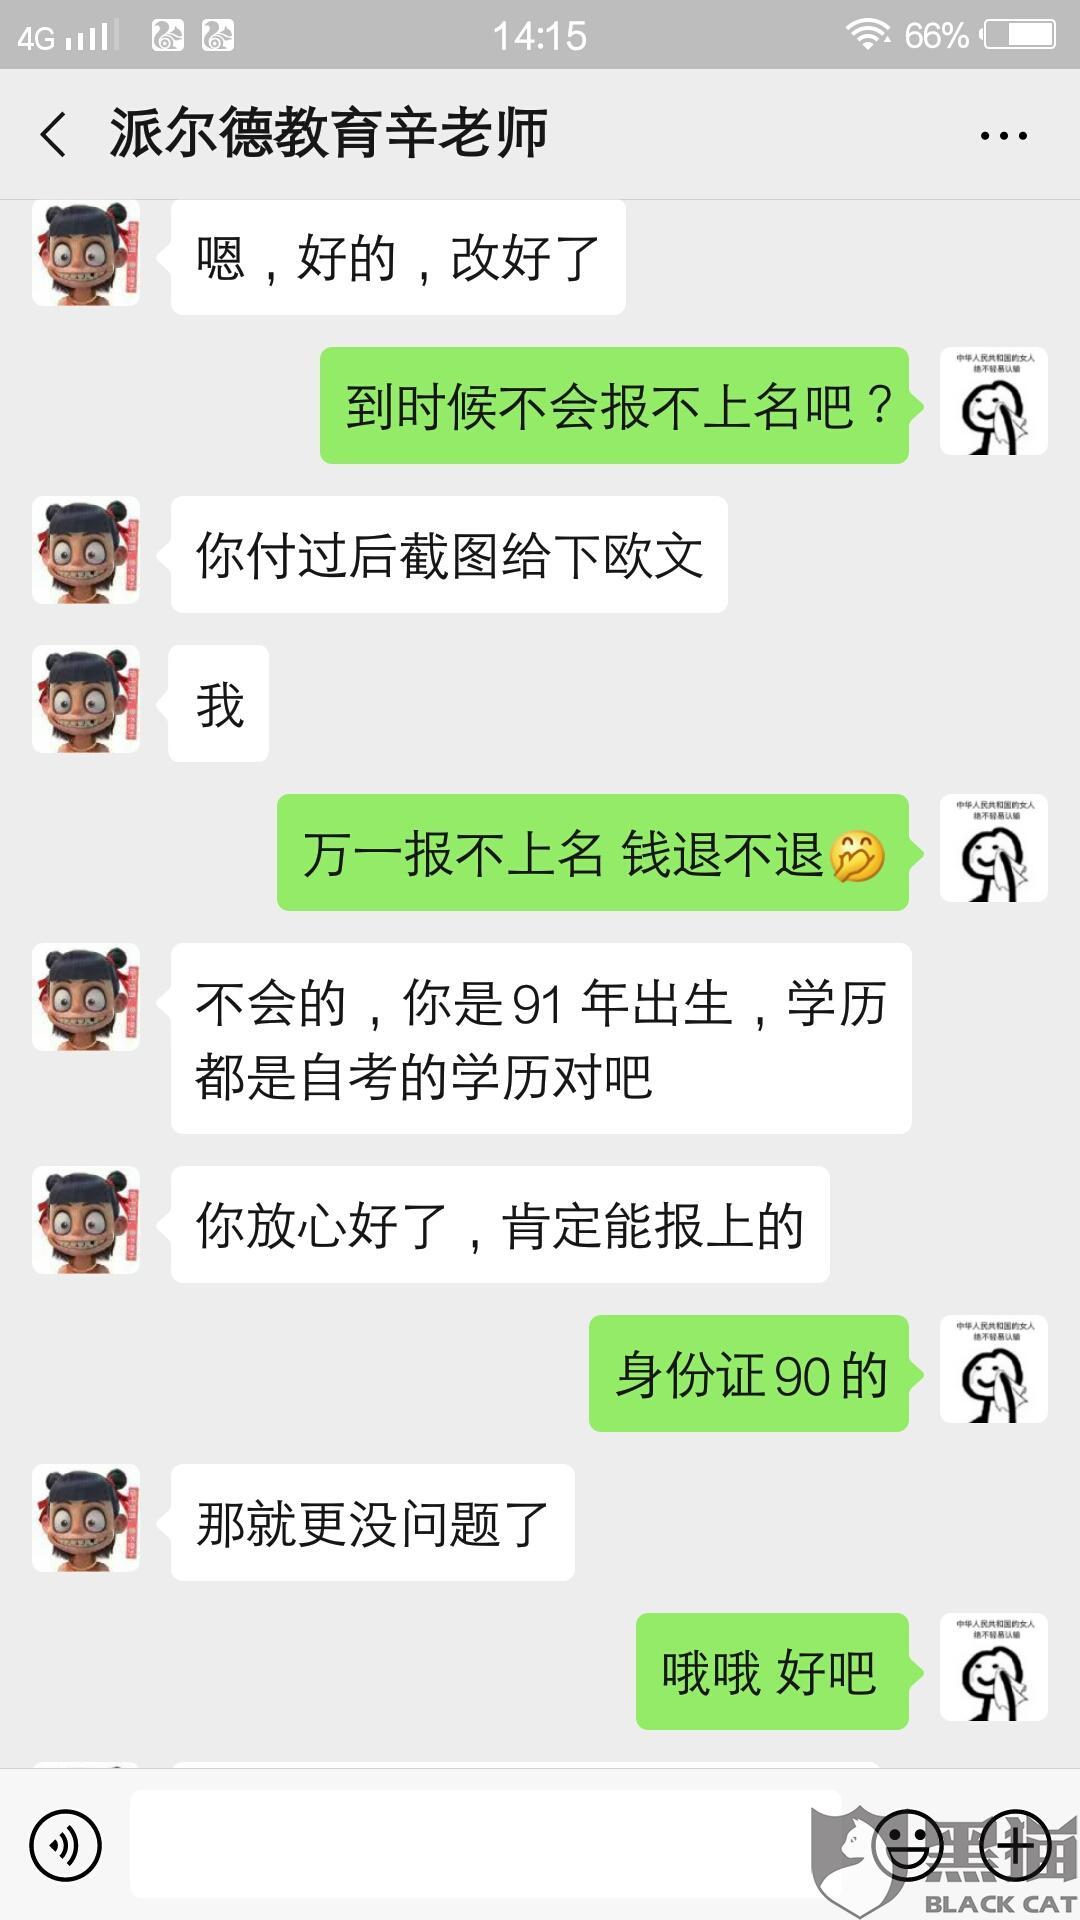 北京派尔德教育科技有限公司欺诈消费者